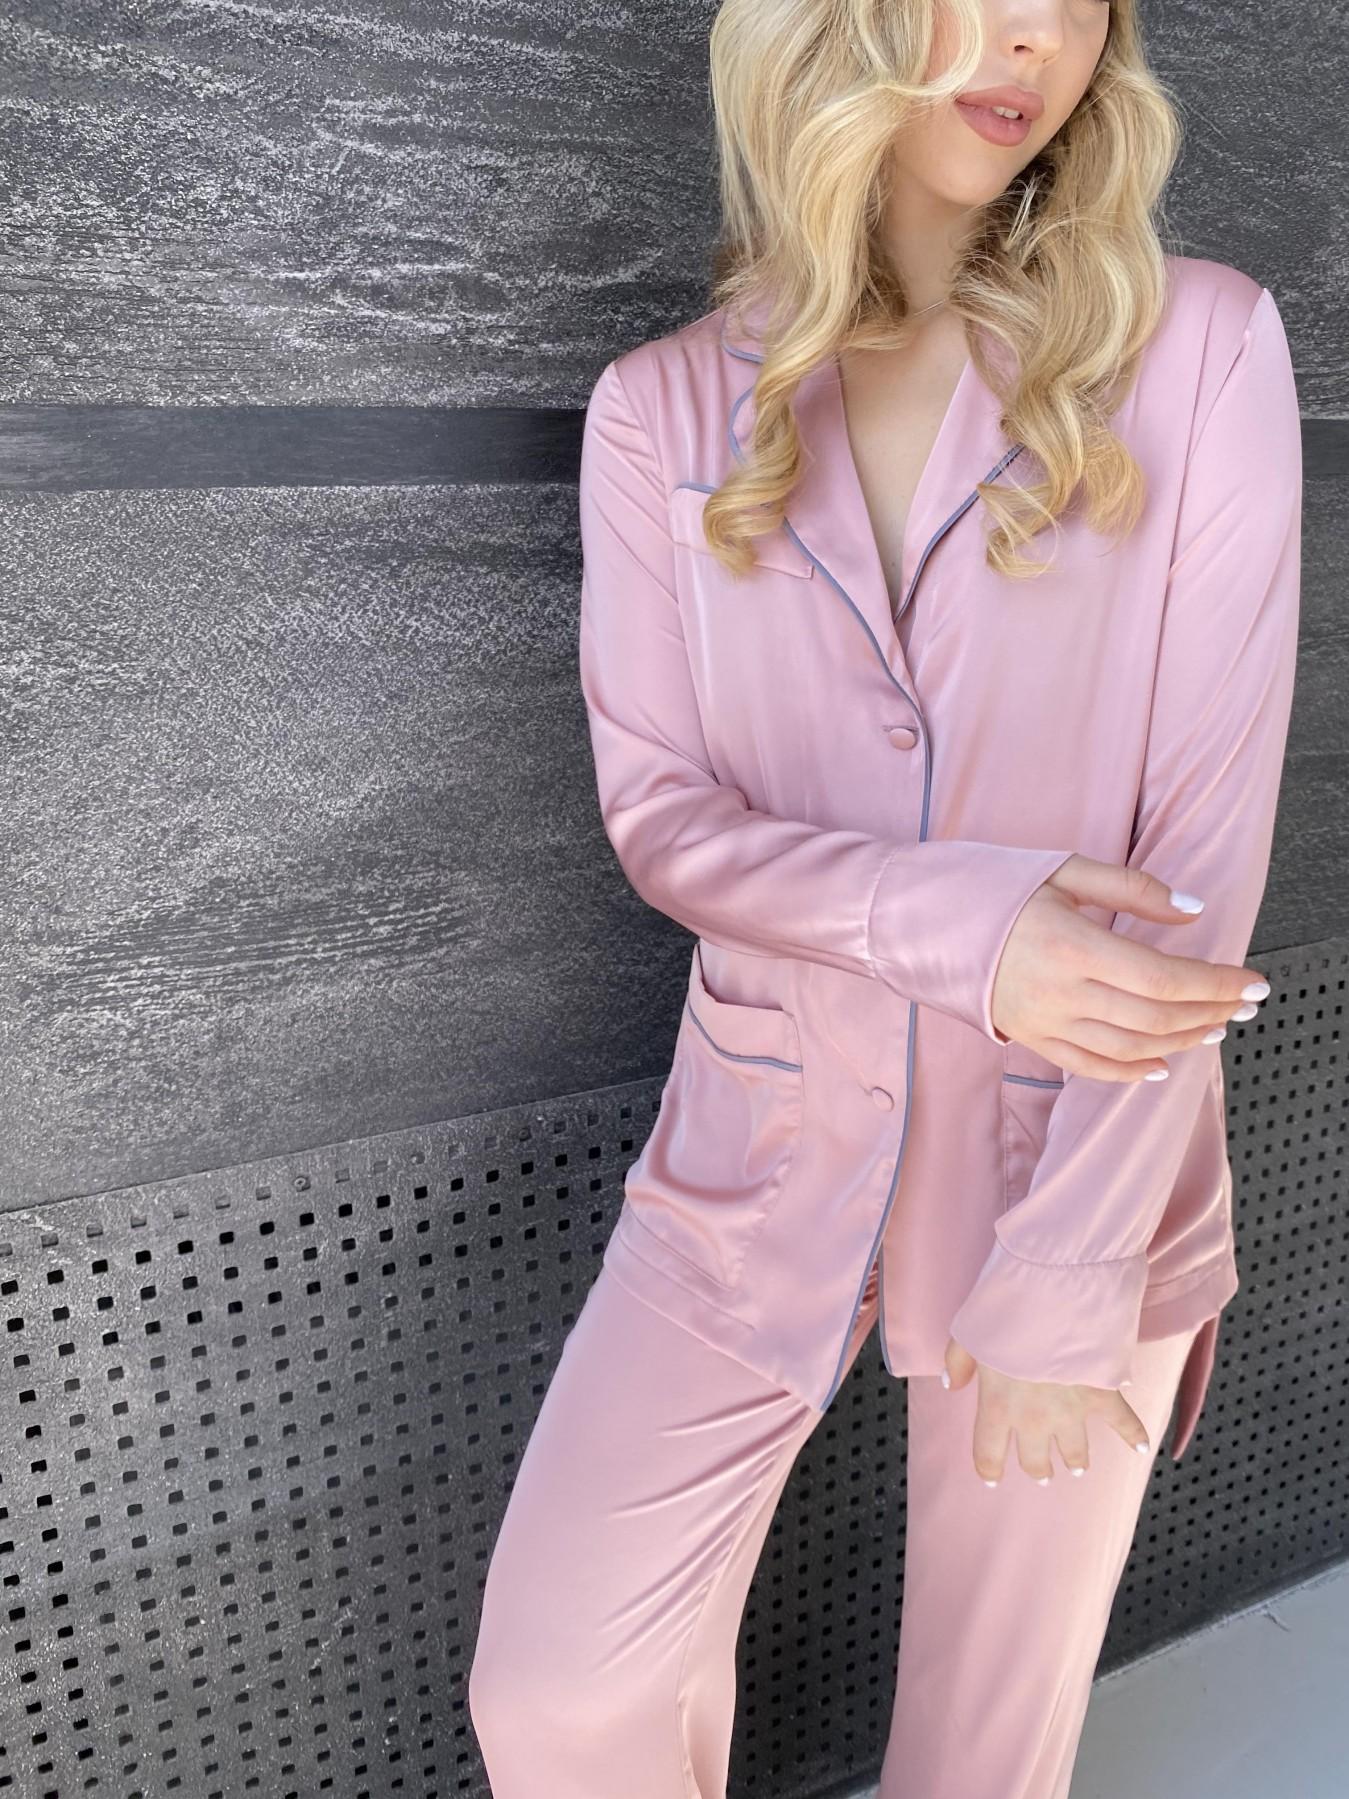 Шайн костюм из шелка  10778 АРТ. 47213 Цвет: Розовый - фото 3, интернет магазин tm-modus.ru